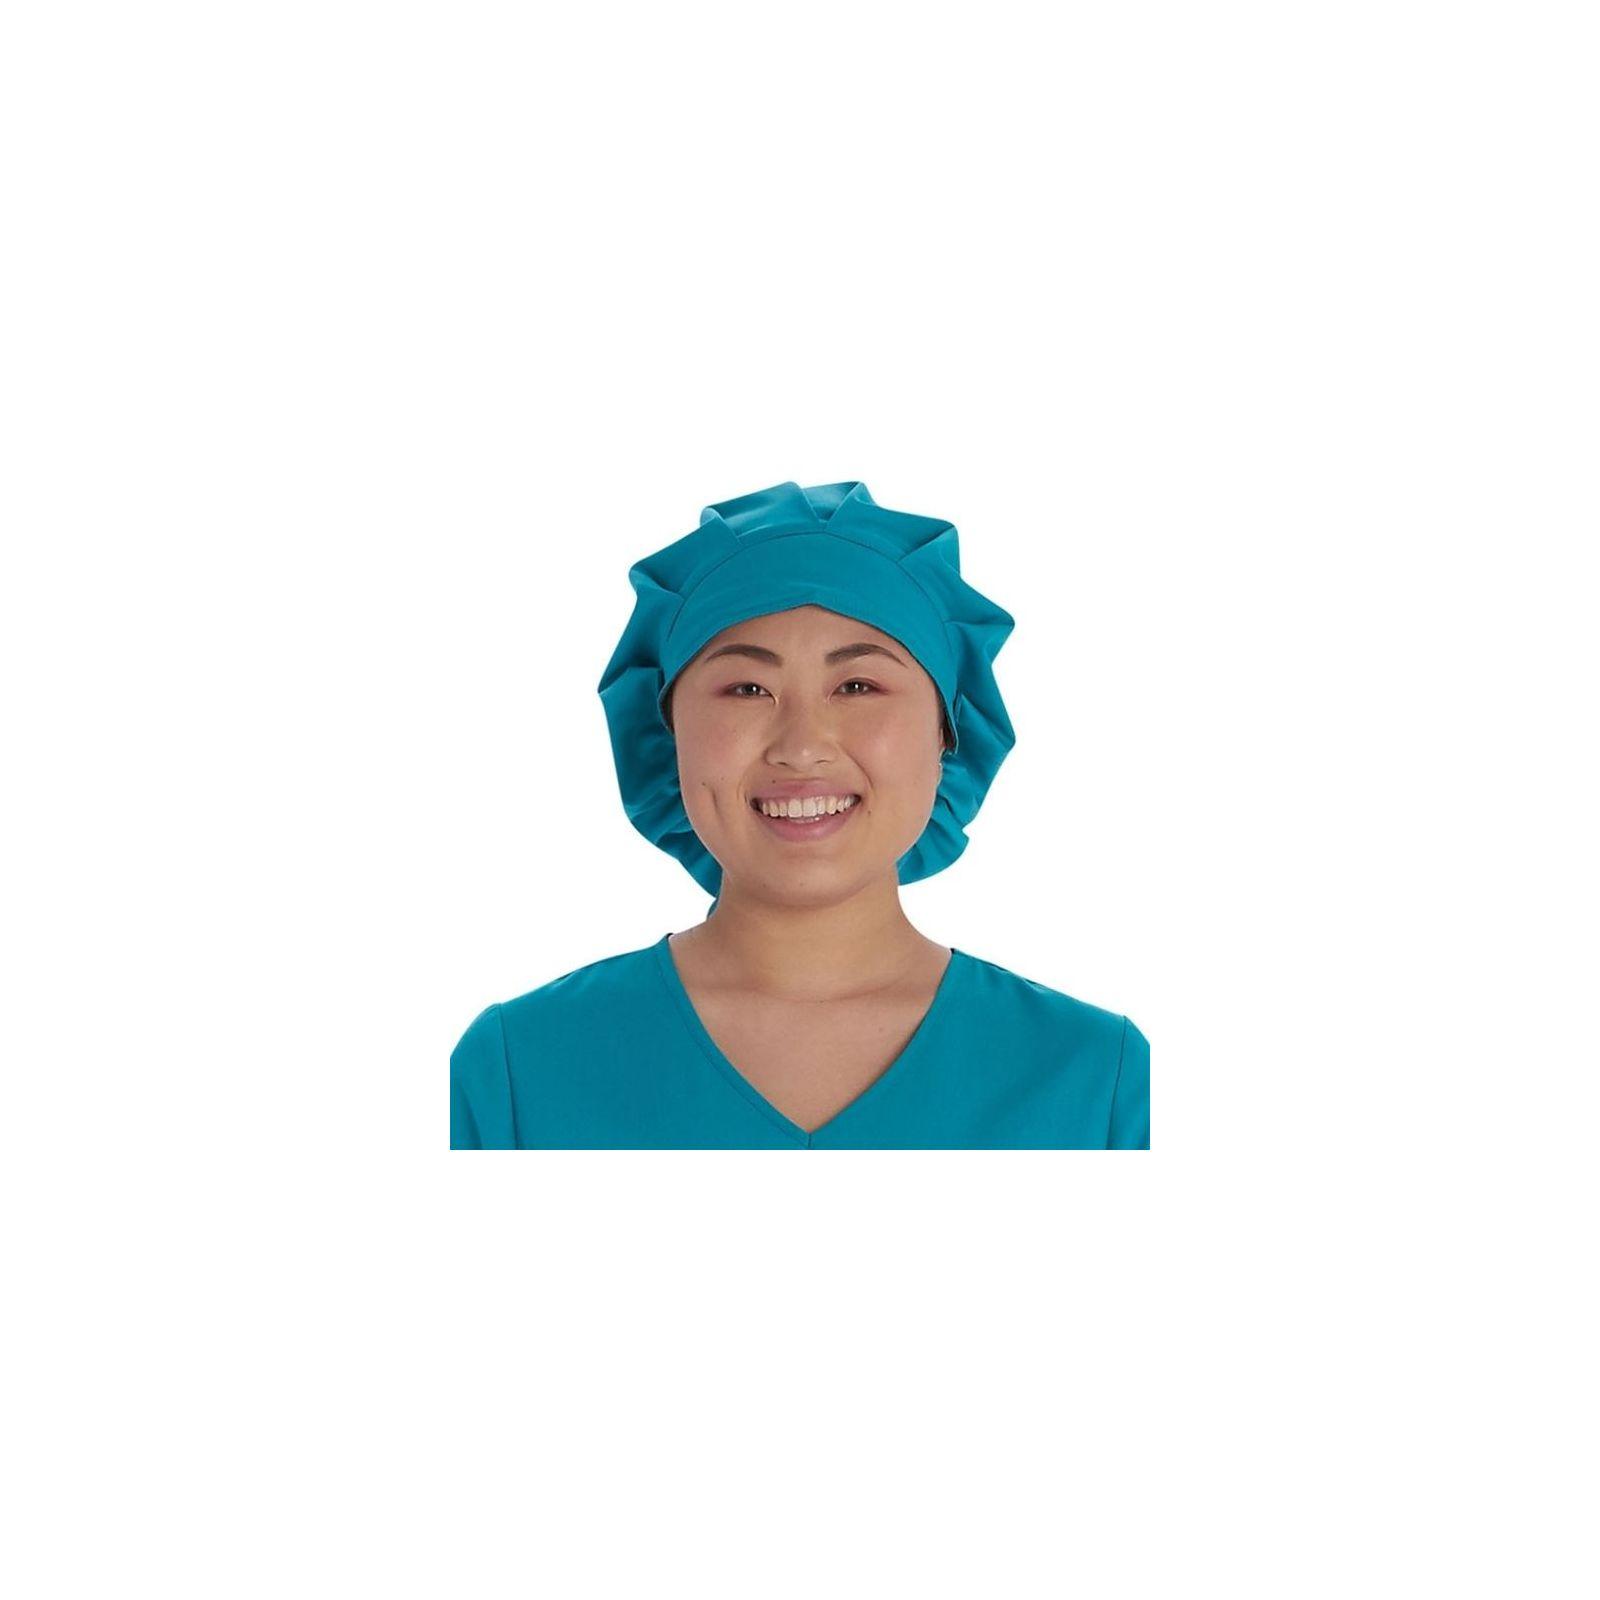 Calot médical Cheveux Longs Teal Blue (VT521TLB) vue face